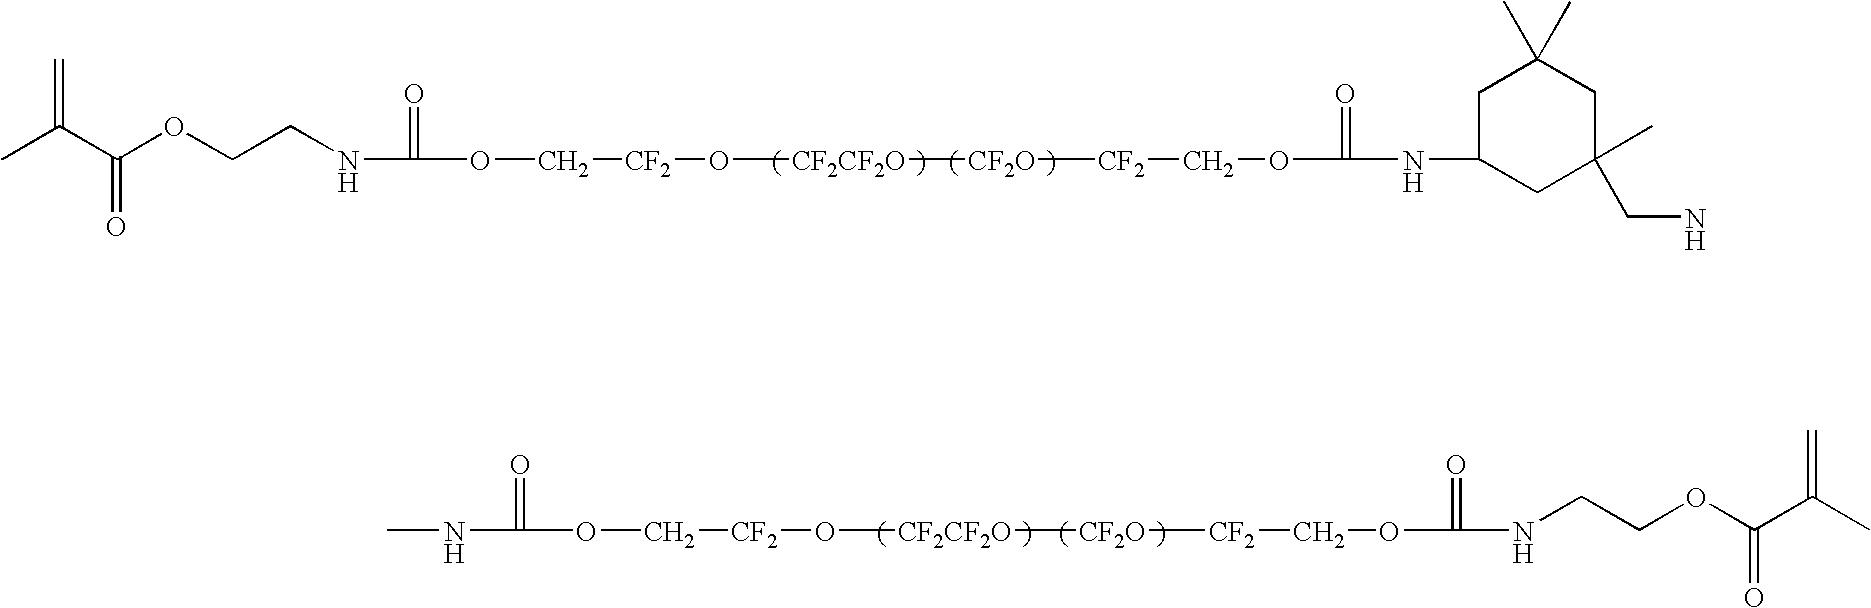 Figure US20080131692A1-20080605-C00027